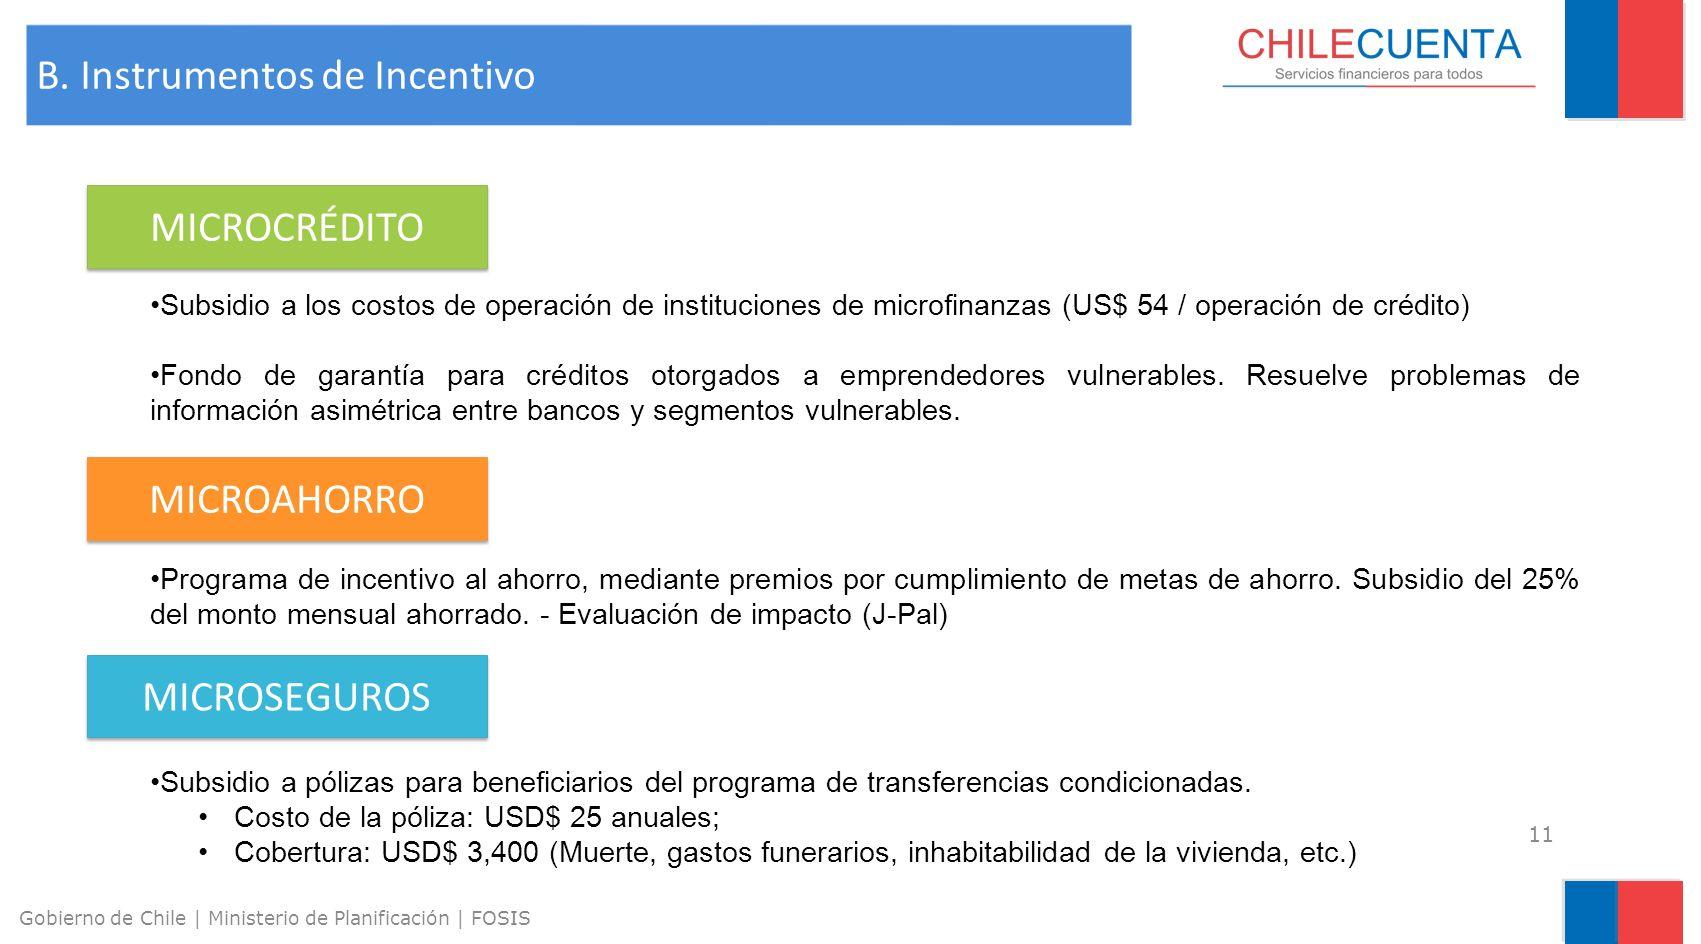 B. Instrumentos de Incentivo